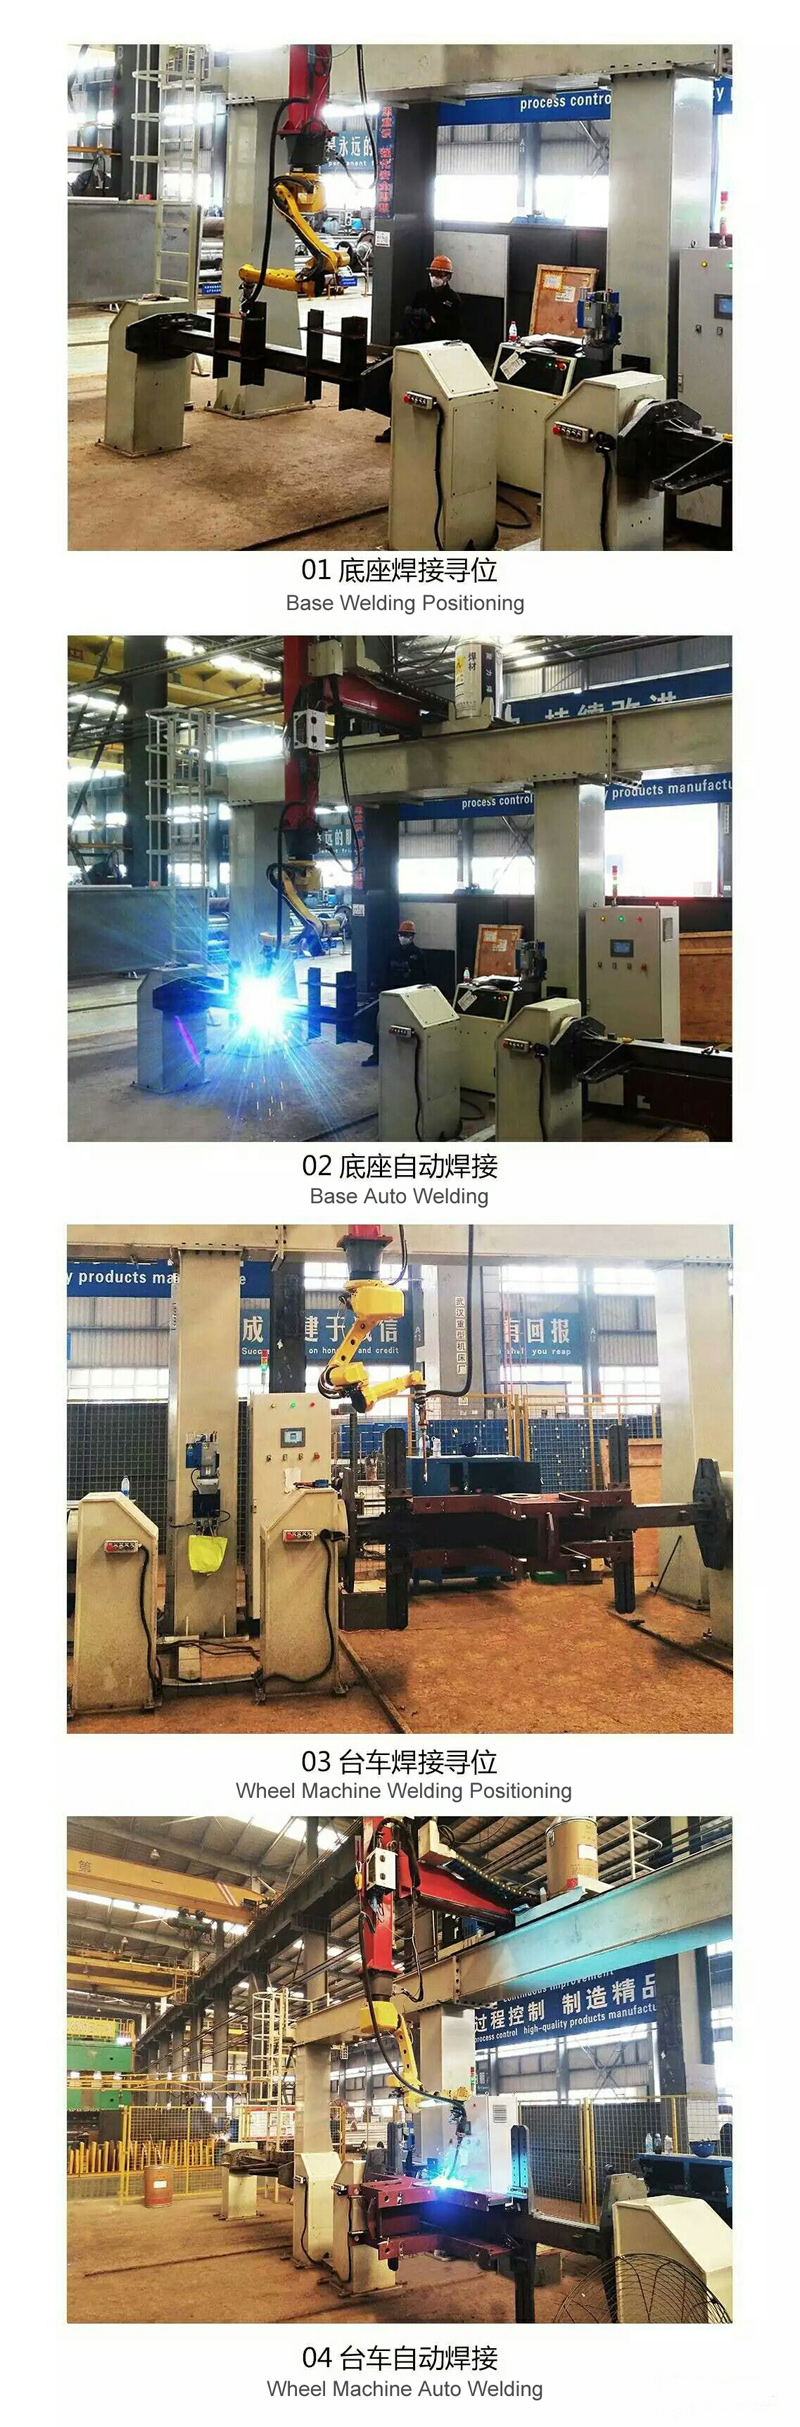 crane-bogie-welding-robot